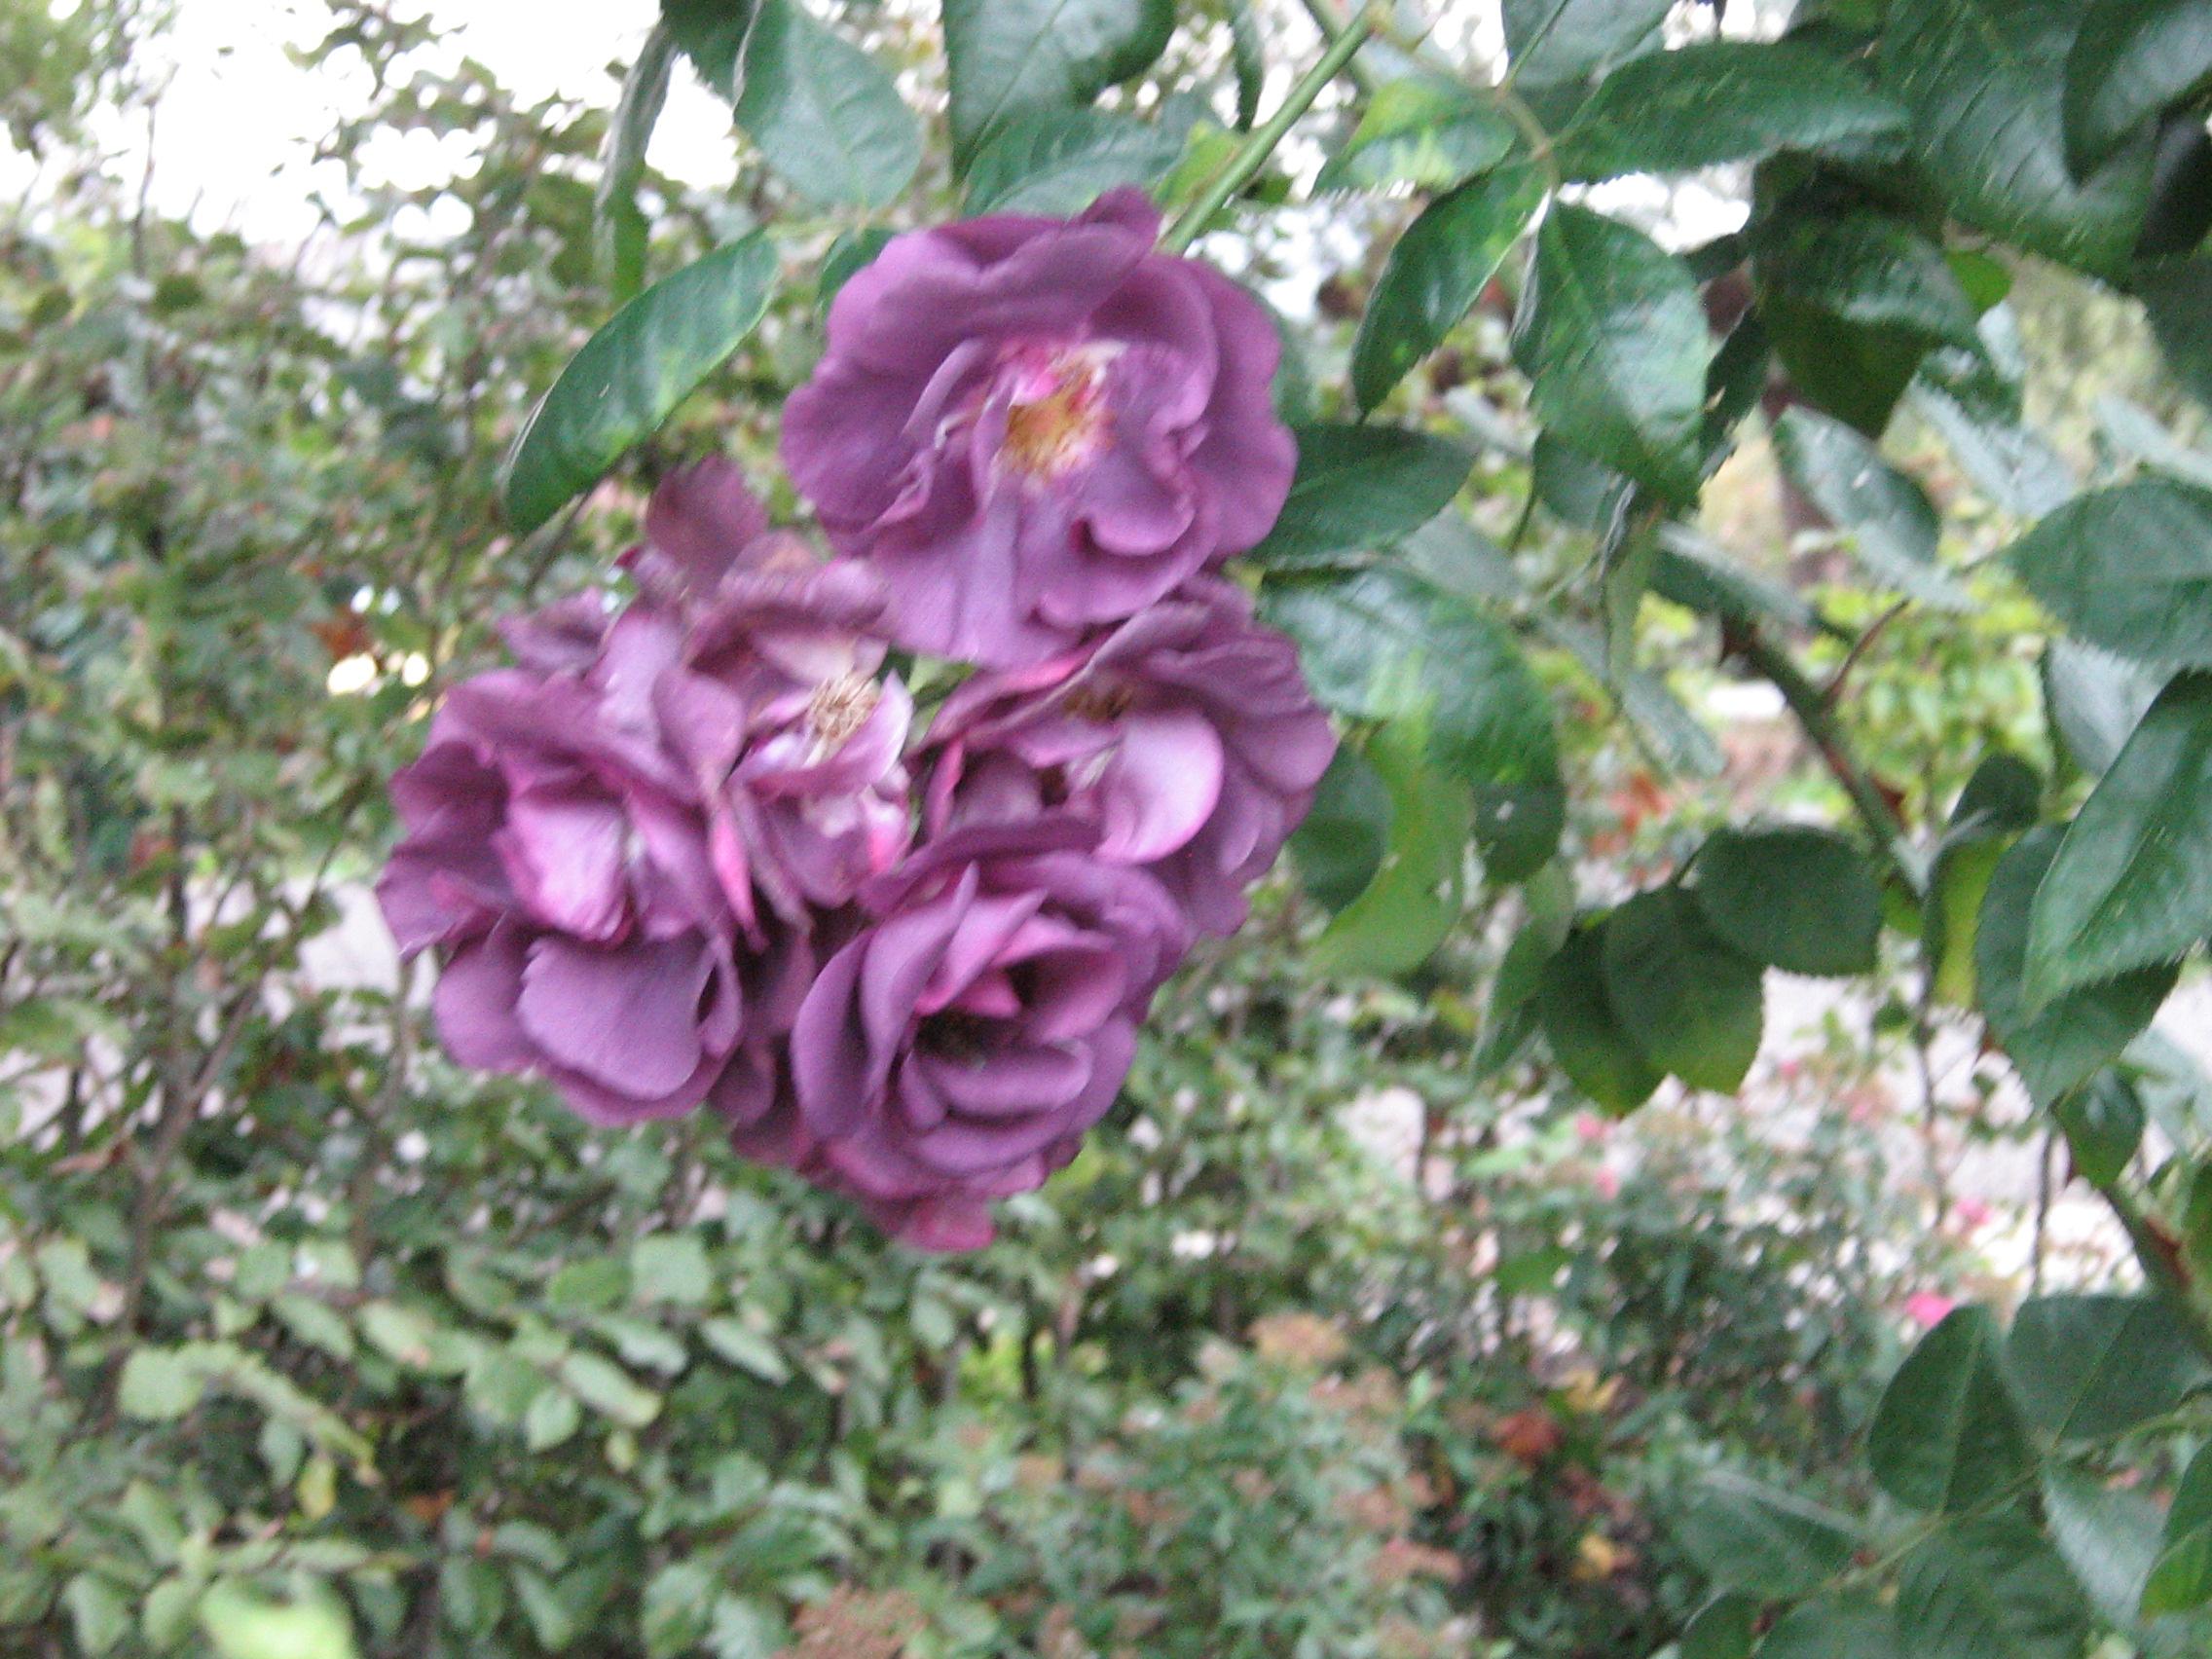 Hoge heesterroos Rhapsody in blue, echt paars, doorbloeiend en geurend.